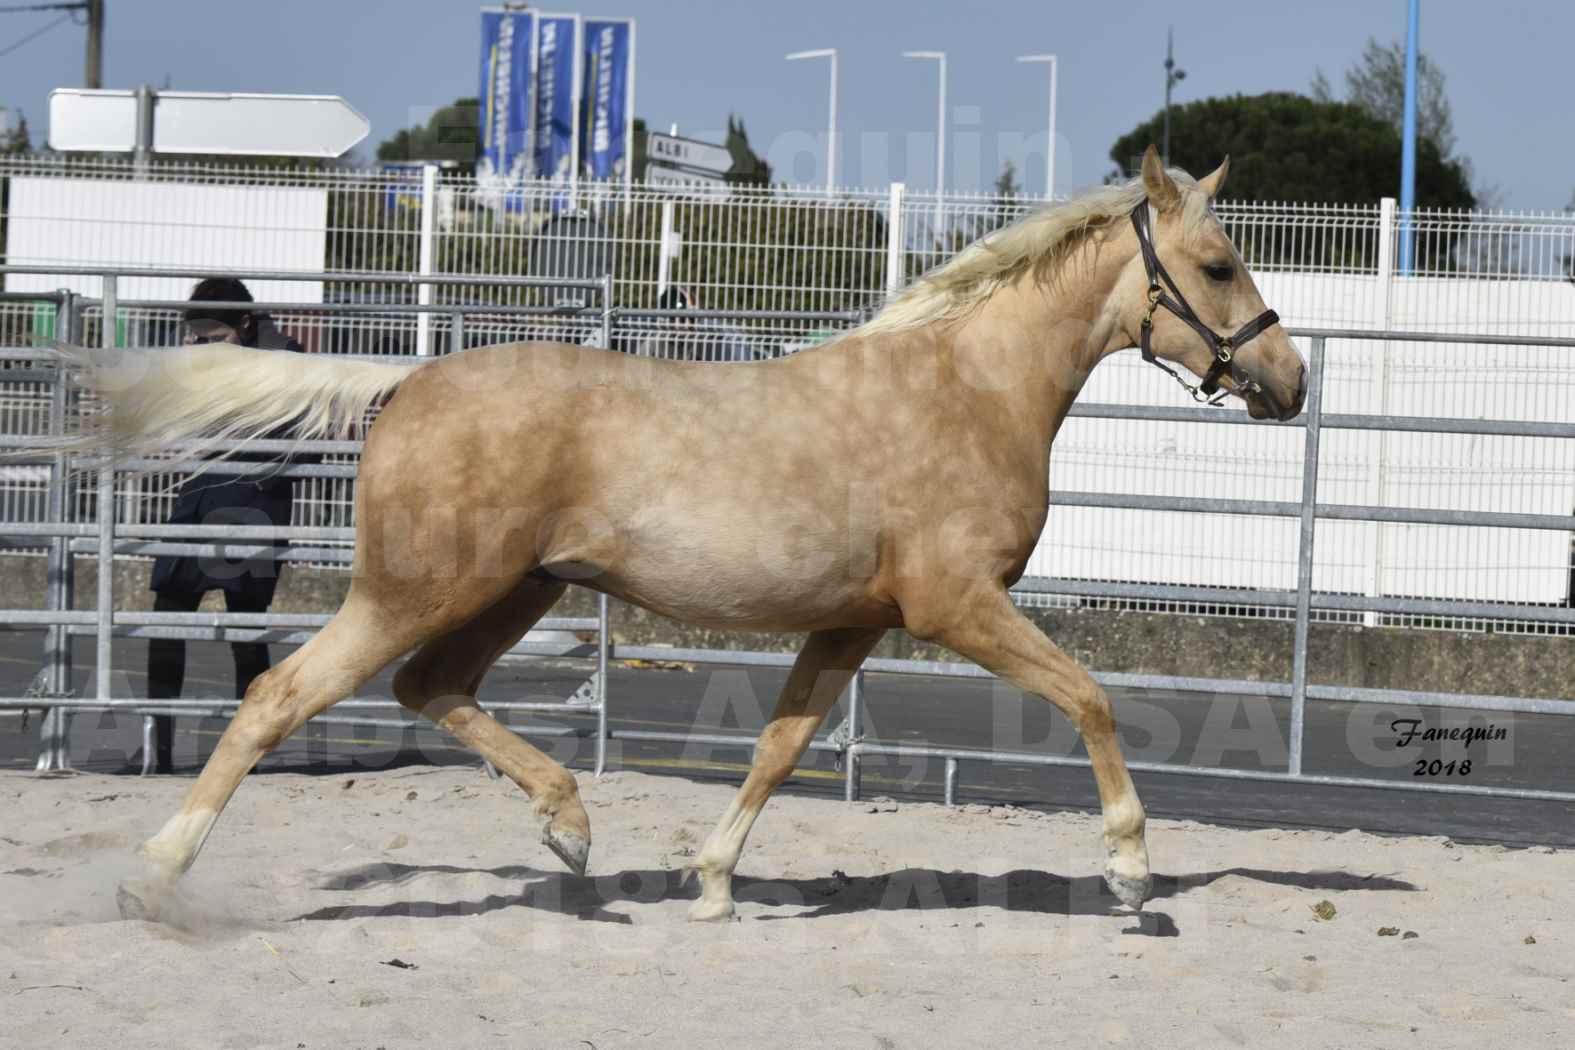 Concours d'élevage de Chevaux Arabes - D. S. A. - A. A. - ALBI les 6 & 7 Avril 2018 - GOLD DE DARRE - Notre Sélection - 6